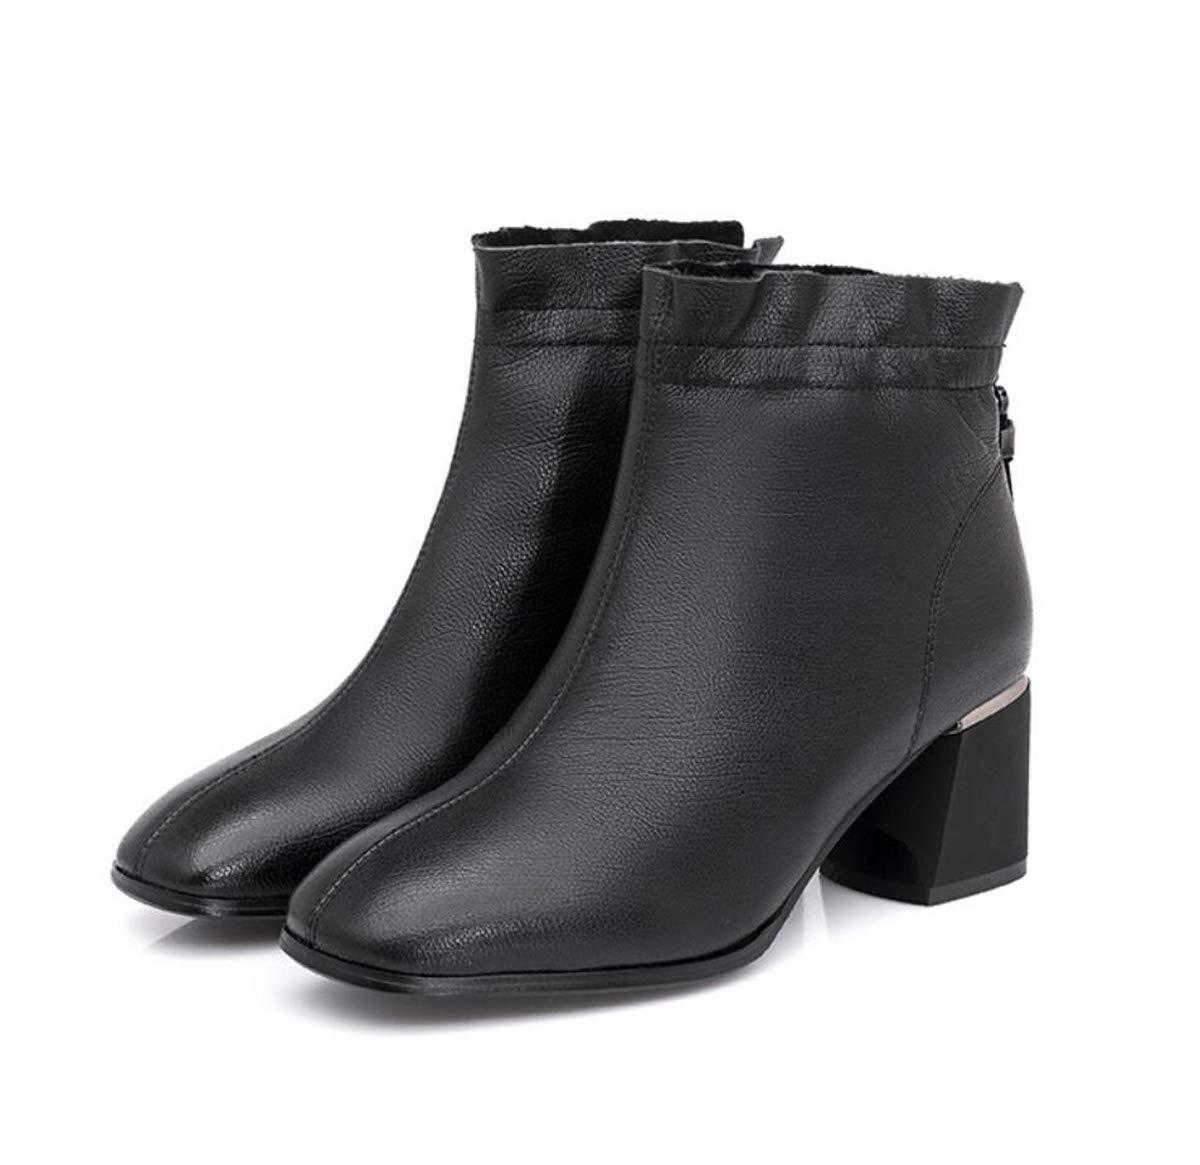 女性チェルシーアンクルブーツジッパーブロックヒールレディース英国スタイルマーティンブーツ 黒 37EU